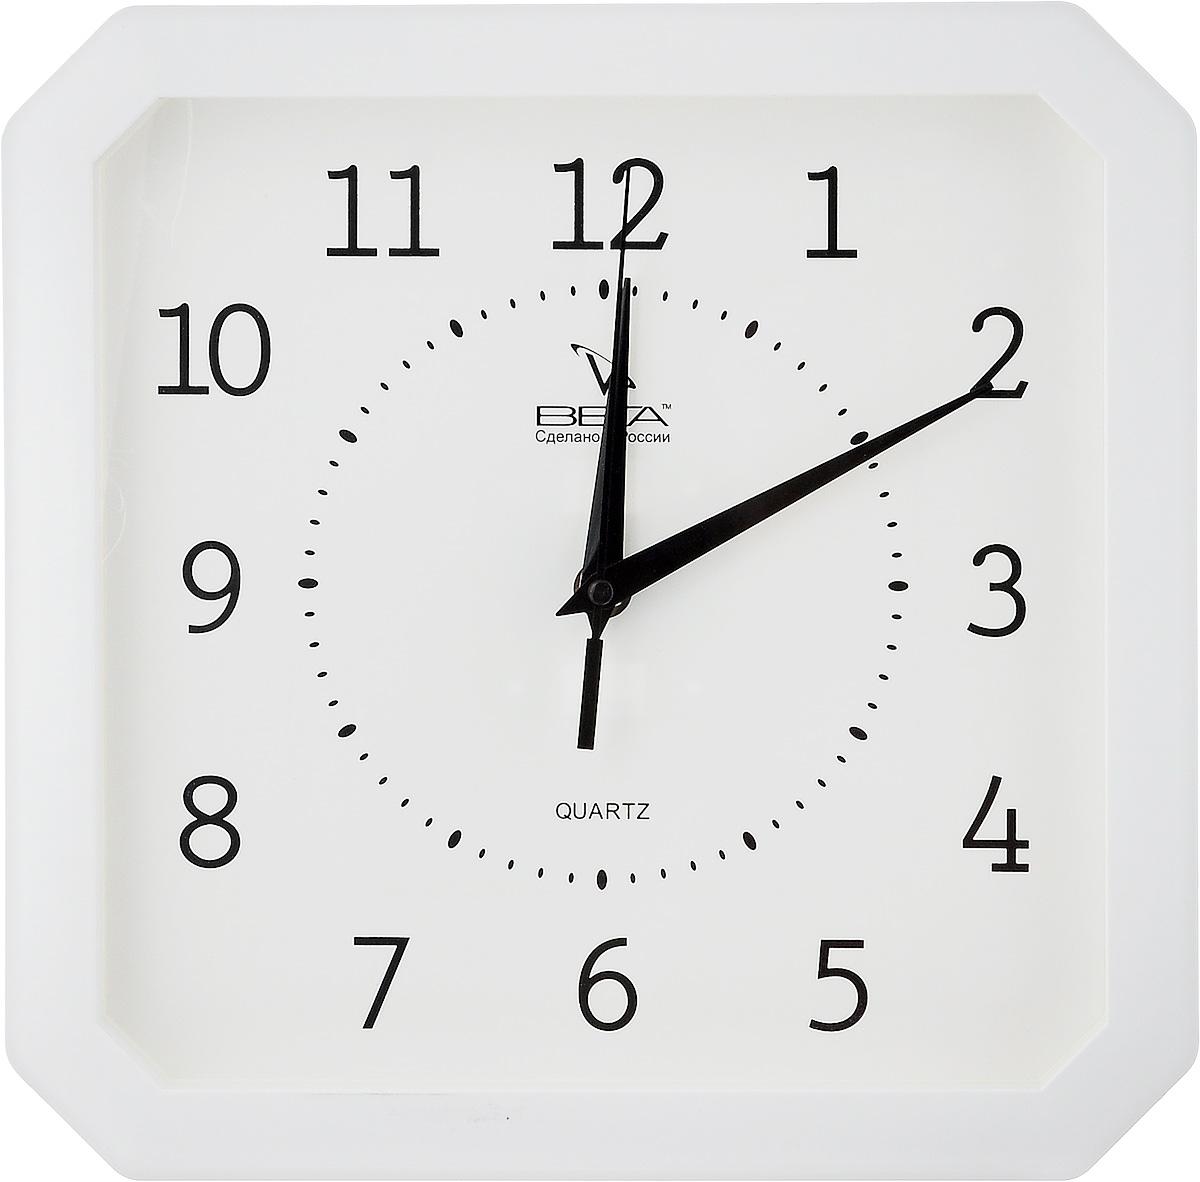 Часы настенные Вега Классика, цвет: белый, 27,5 х 27,5 см94672Настенные кварцевые часы Вега Классика, изготовленные из пластика, прекрасно впишутся в интерьер вашего дома. Часы имеют три стрелки: часовую, минутную и секундную, циферблат защищен прозрачным стеклом. Часы работают от 1 батарейки типа АА напряжением 1,5 В (не входит в комплект).